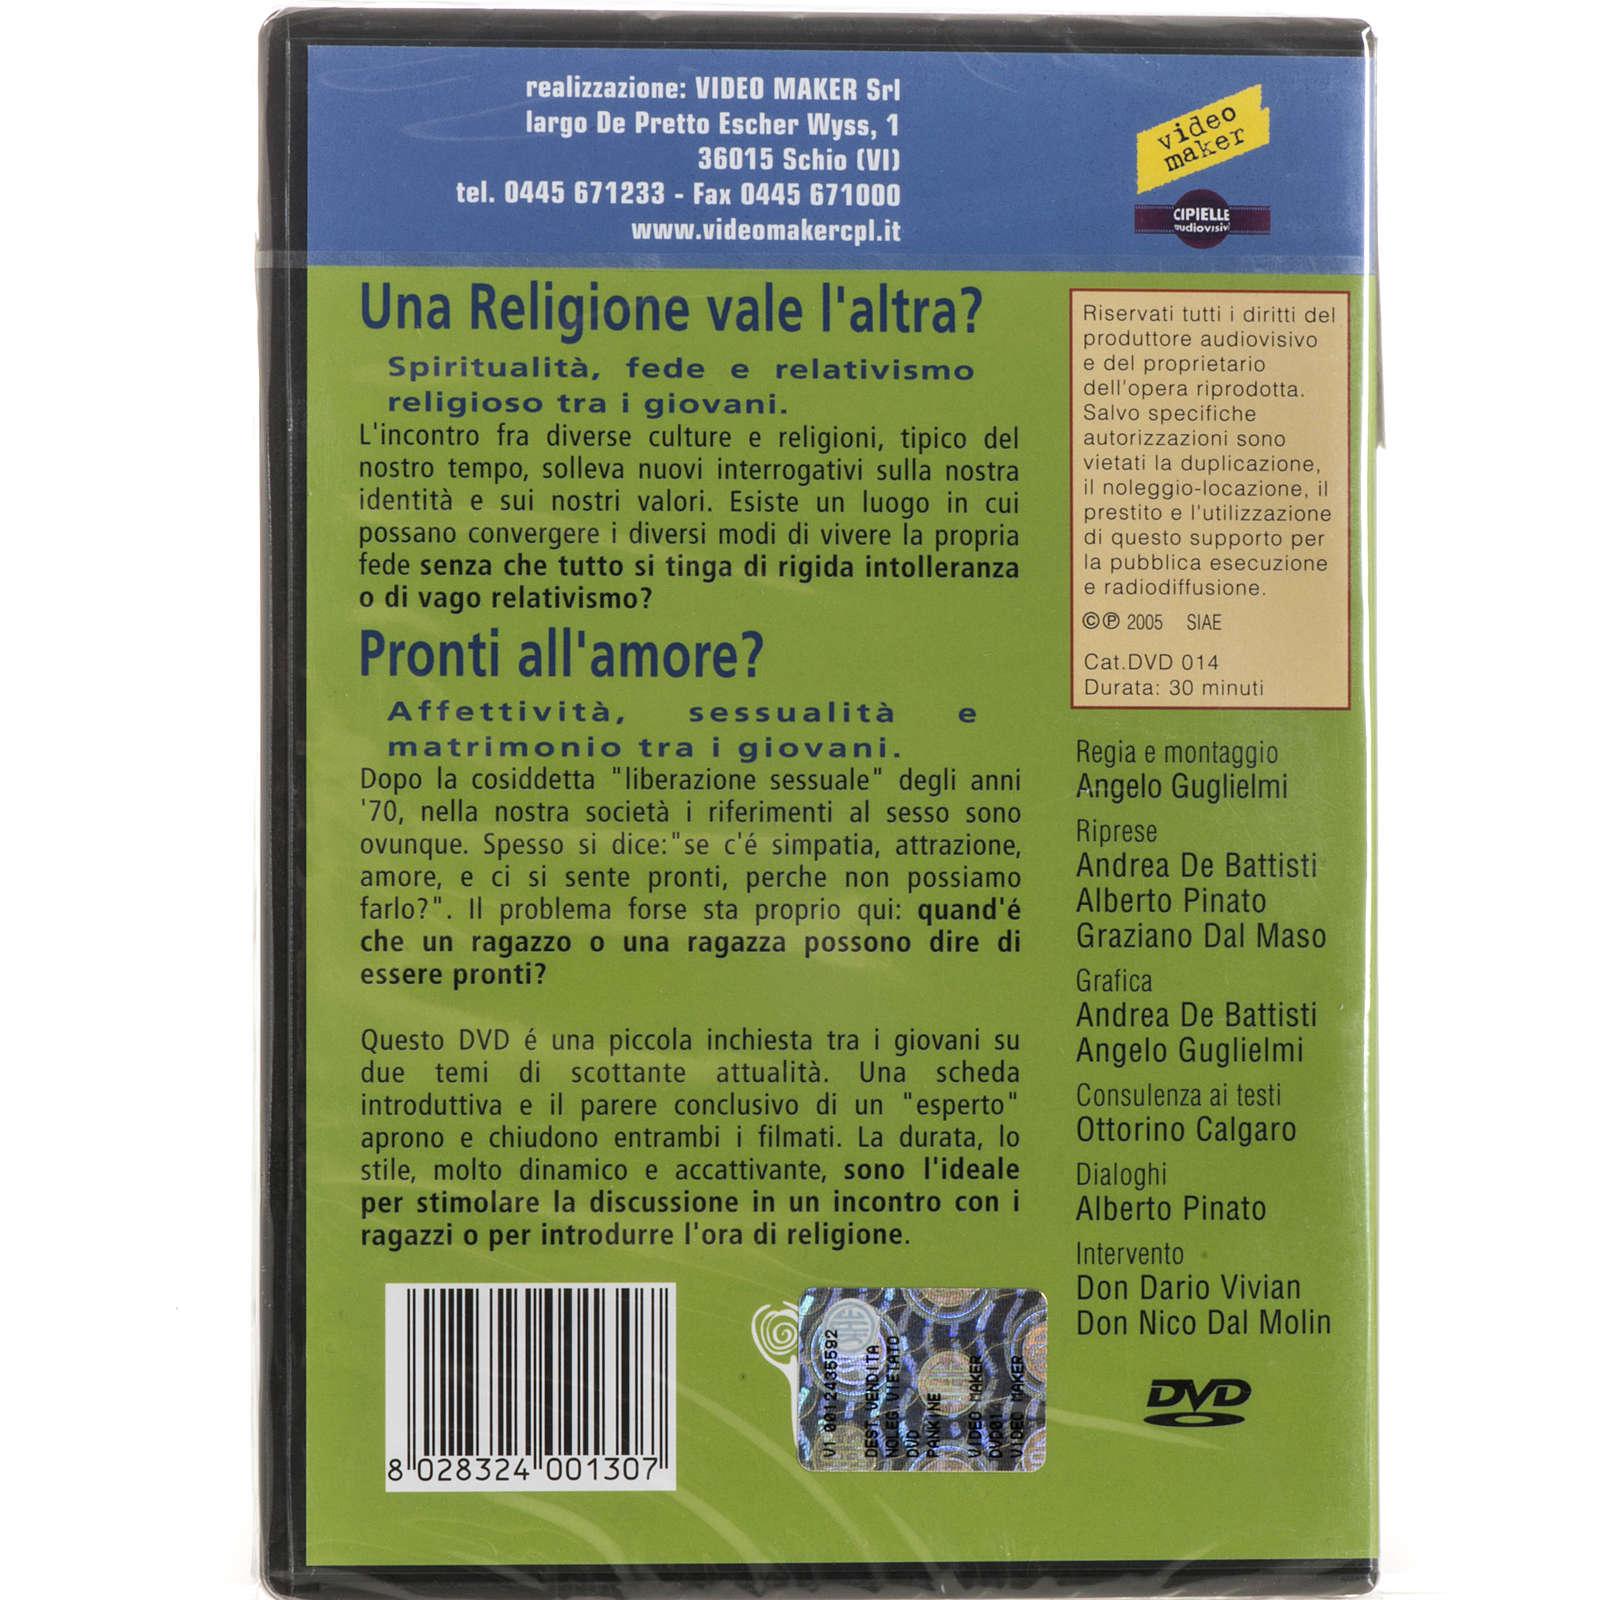 Una religione vale l'altra? Pronti all'amore? 3